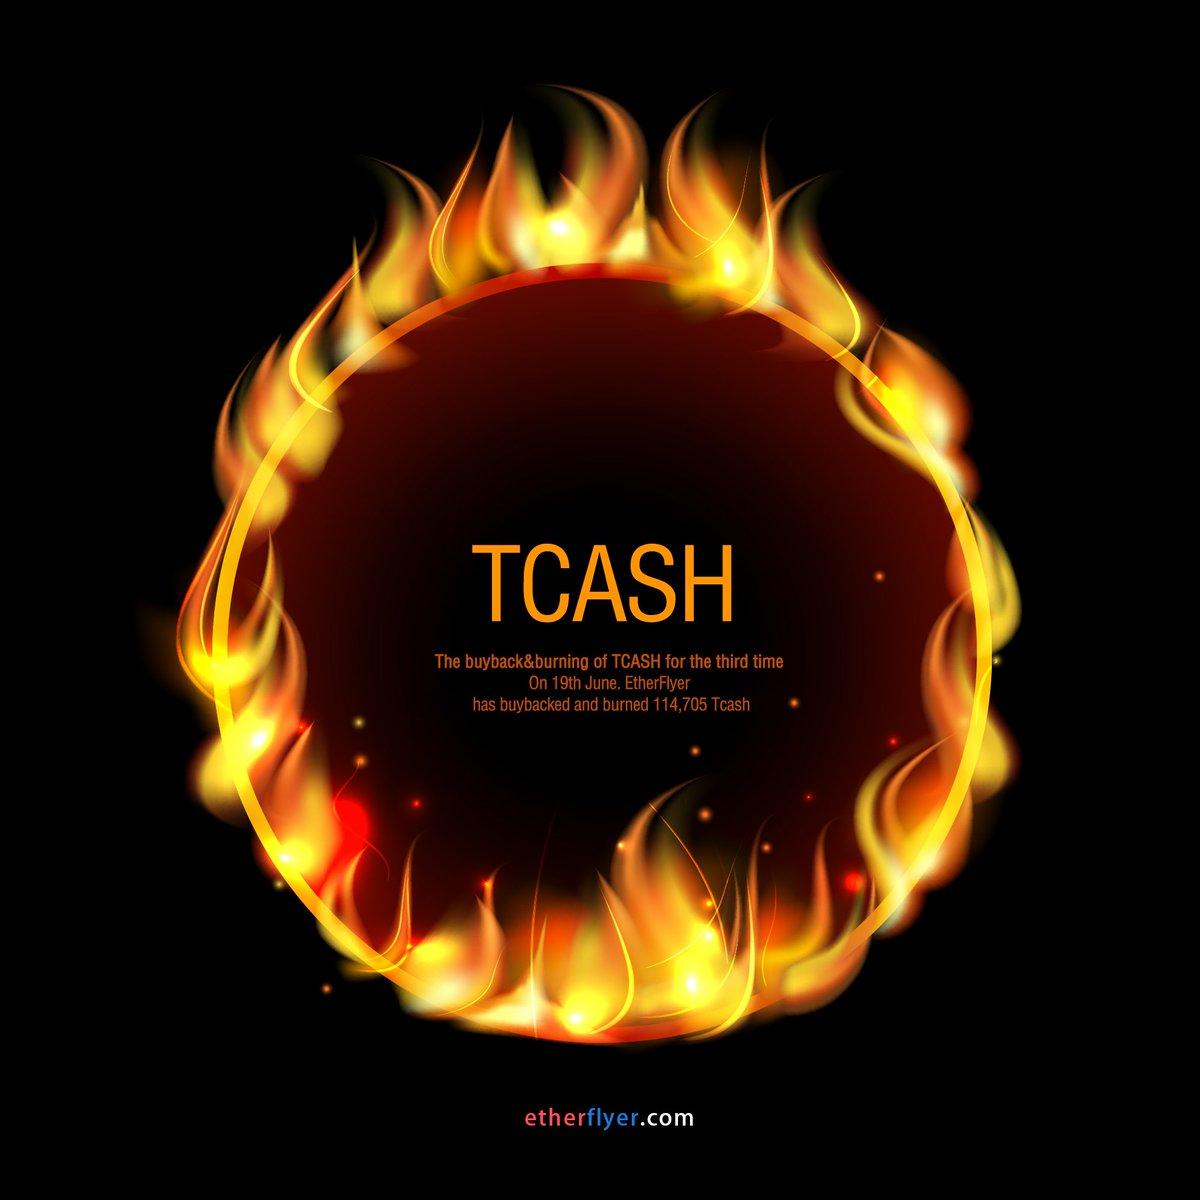 tcash hashtag on Twitter